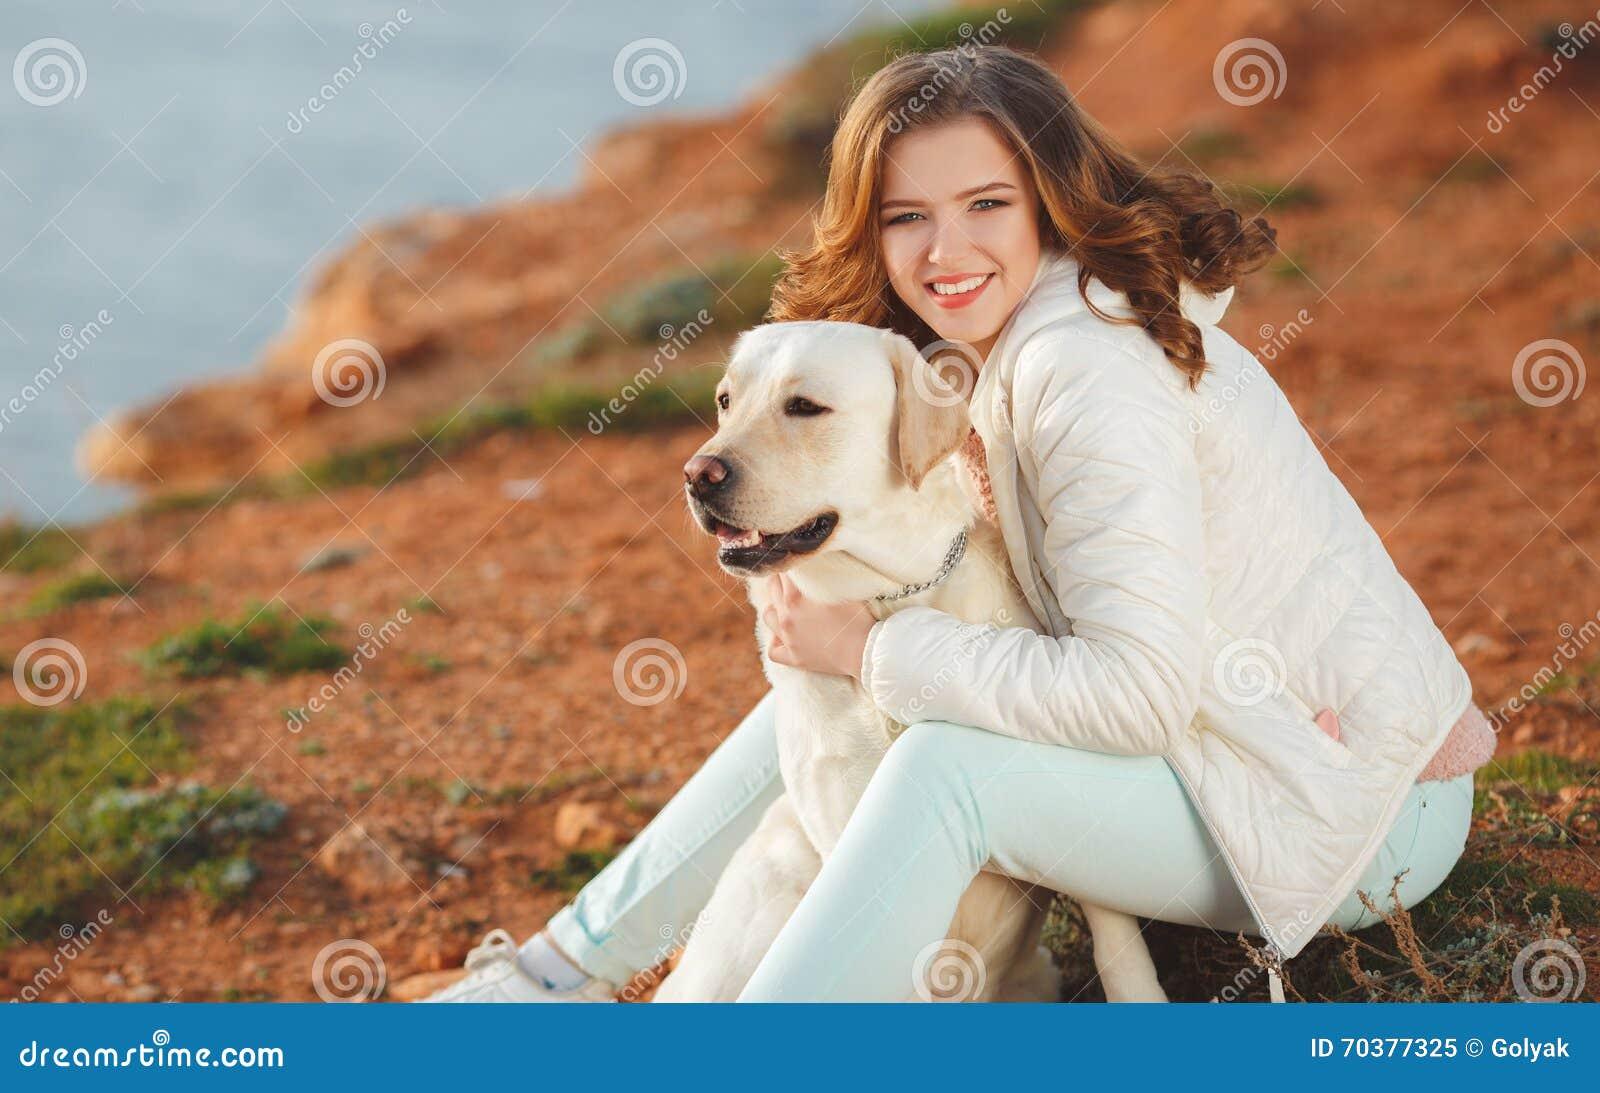 Belle Fille Avec Son Chien Près De Mer Image stock - Image